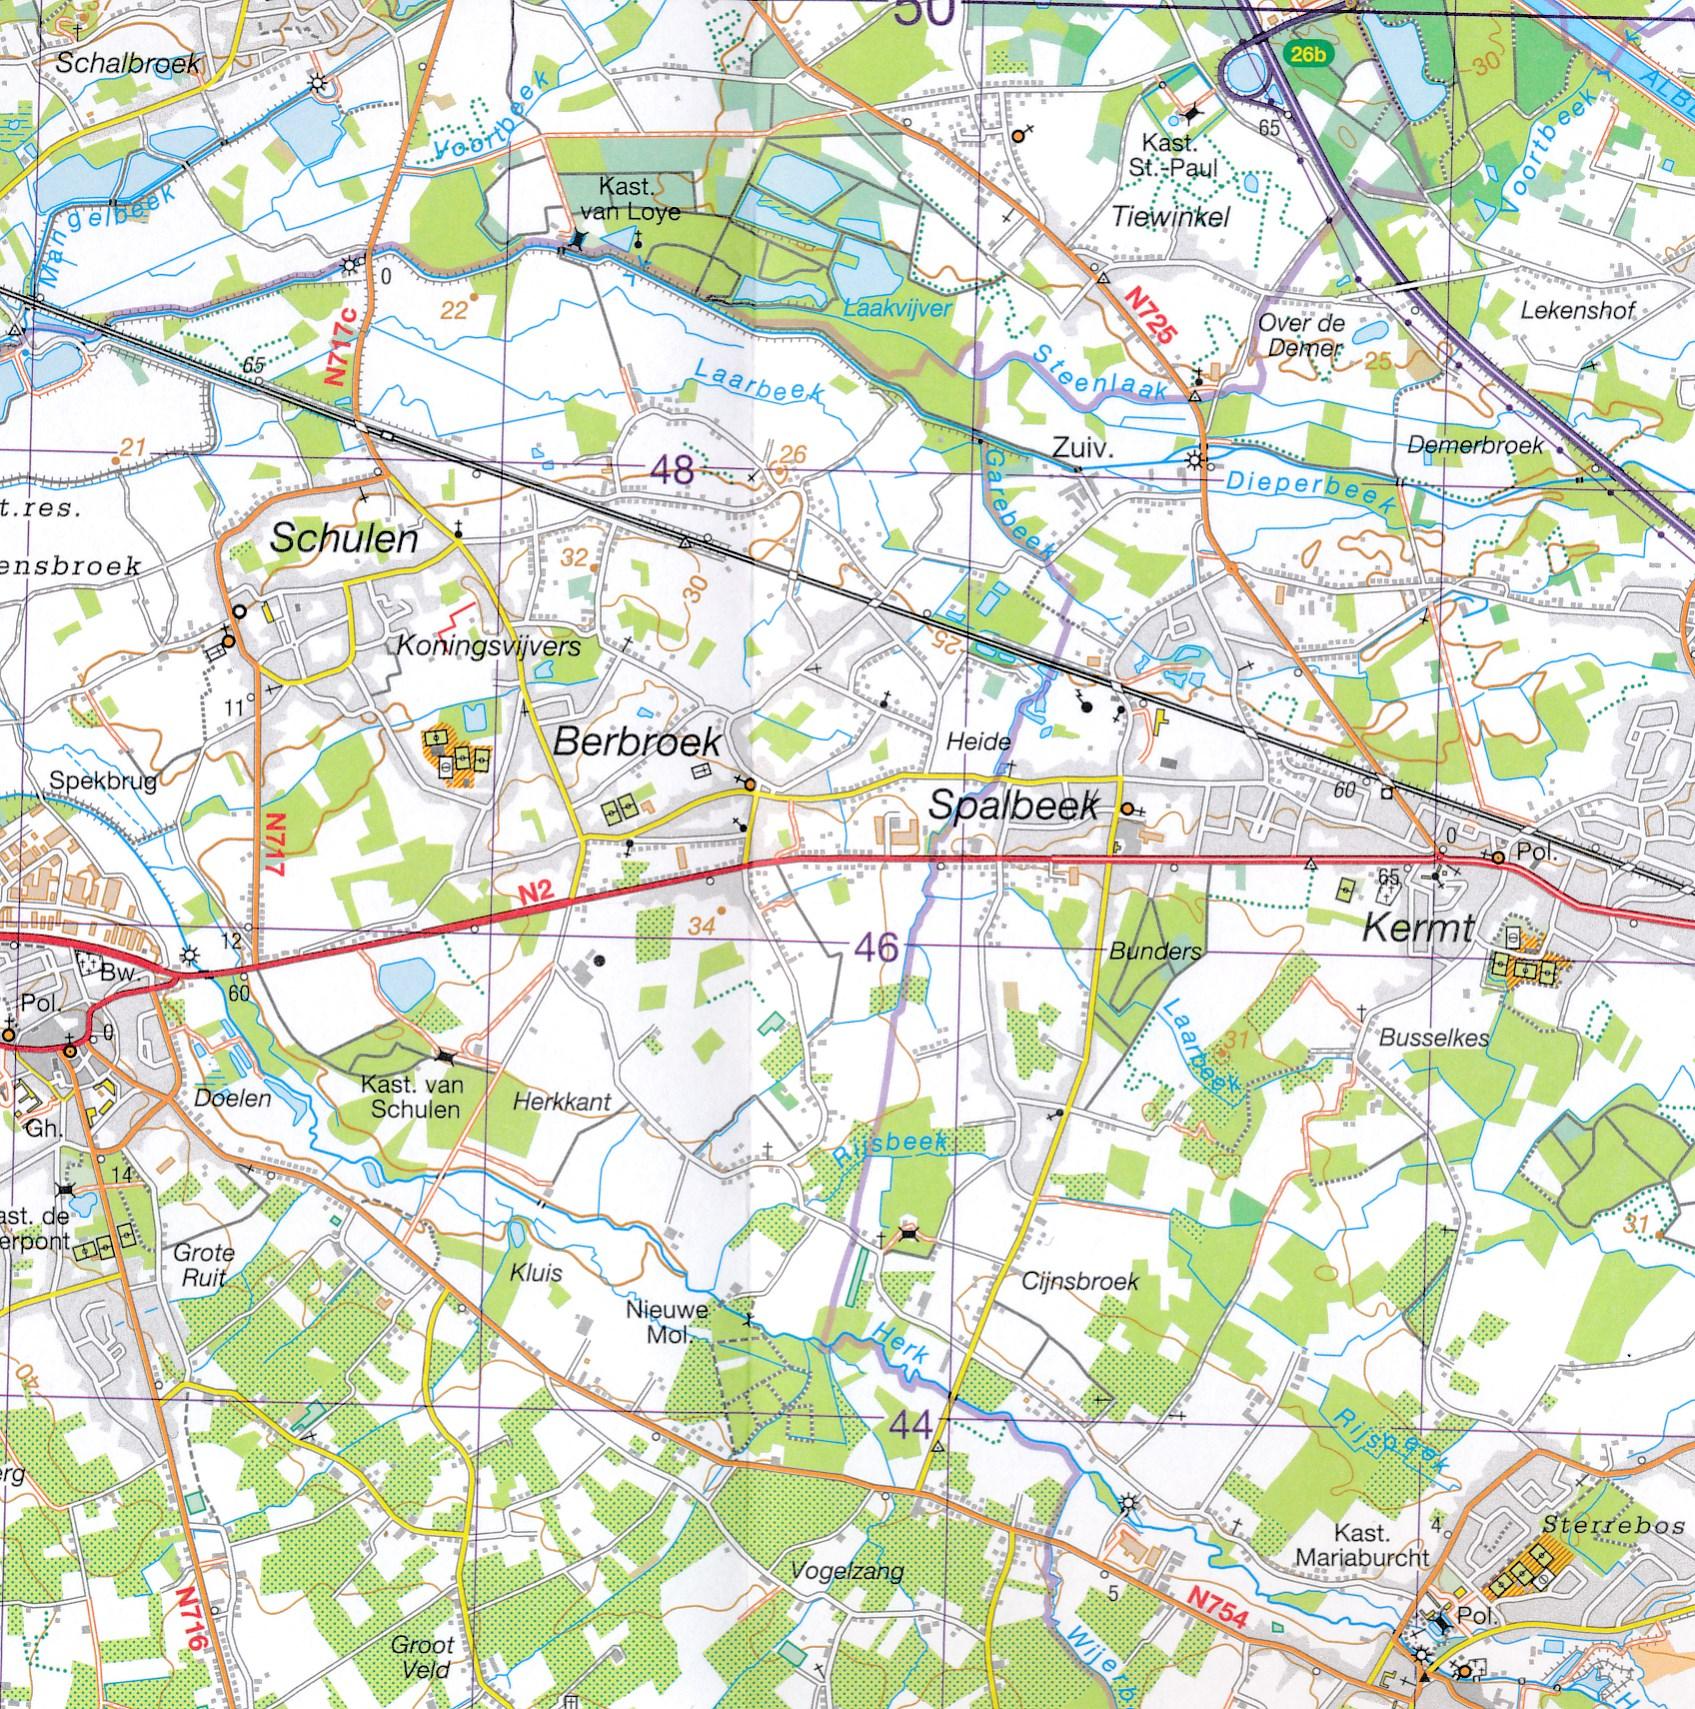 Topografische Kaart Wandelkaart 25 Topo50 Hasselt Ngi